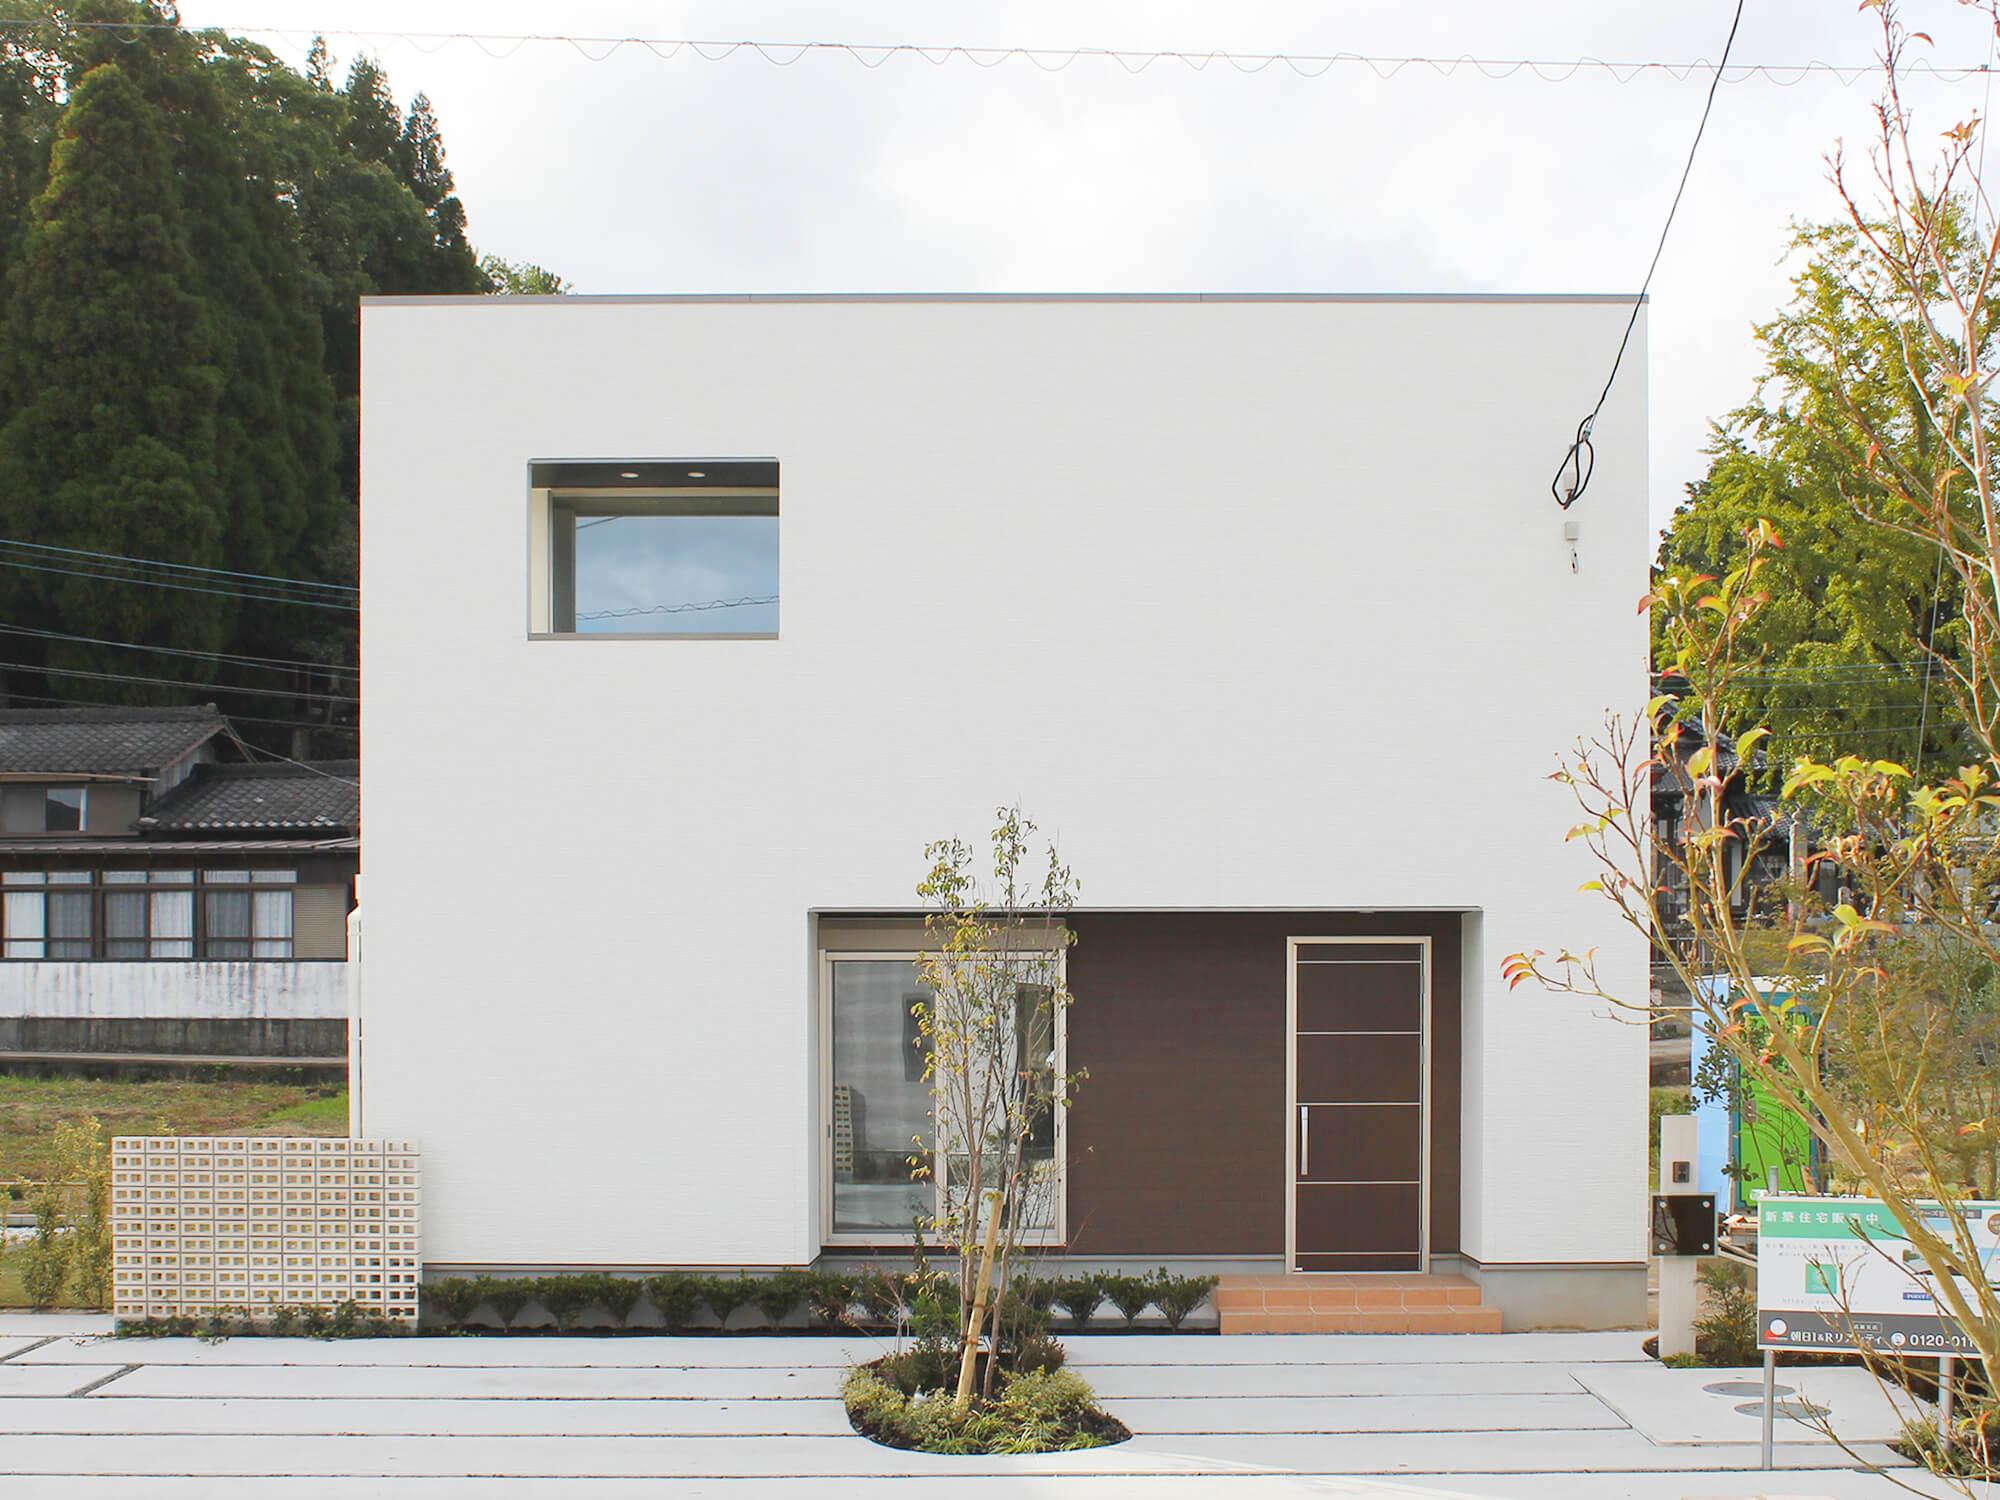 朝日I&Rリアルティの新築住宅「OURS GARDEN 甘久3-FORCASA」外観